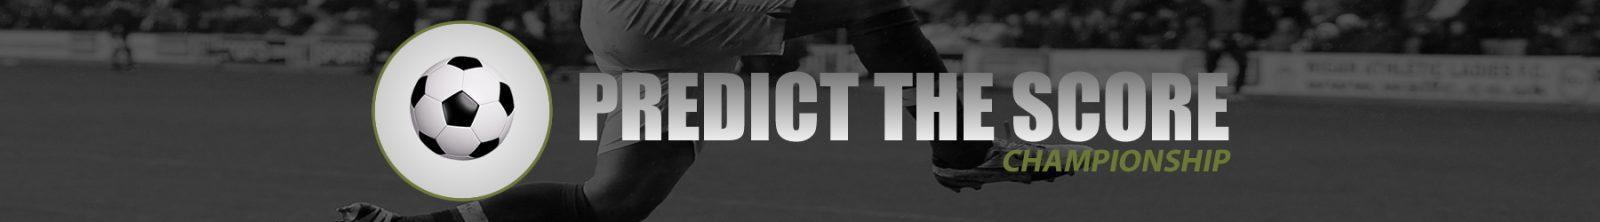 Predict The Score - Championship